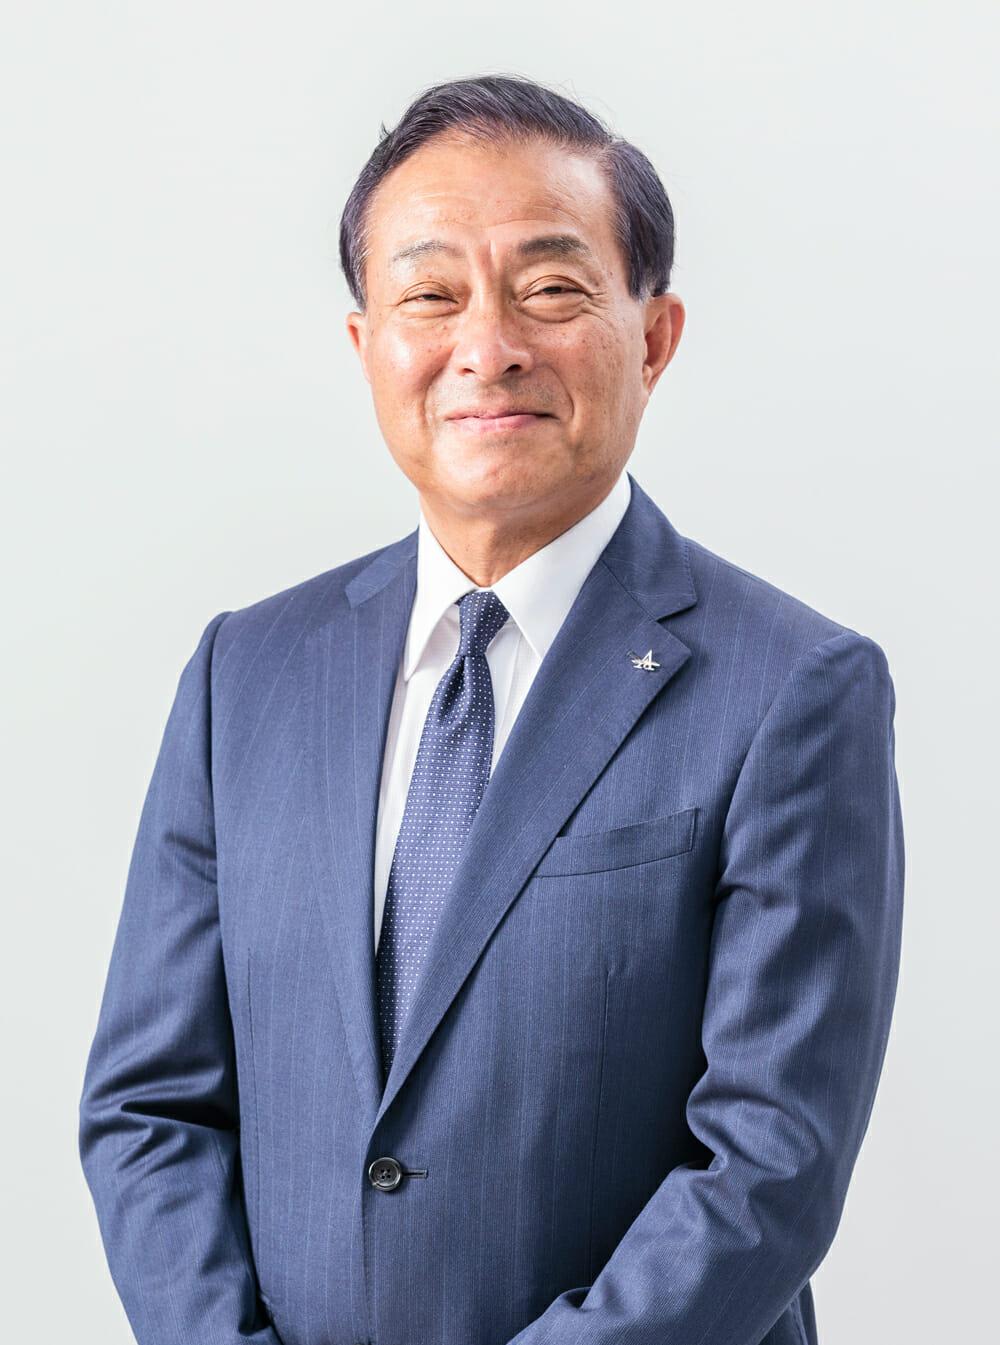 代表取締役社長 坂本 深